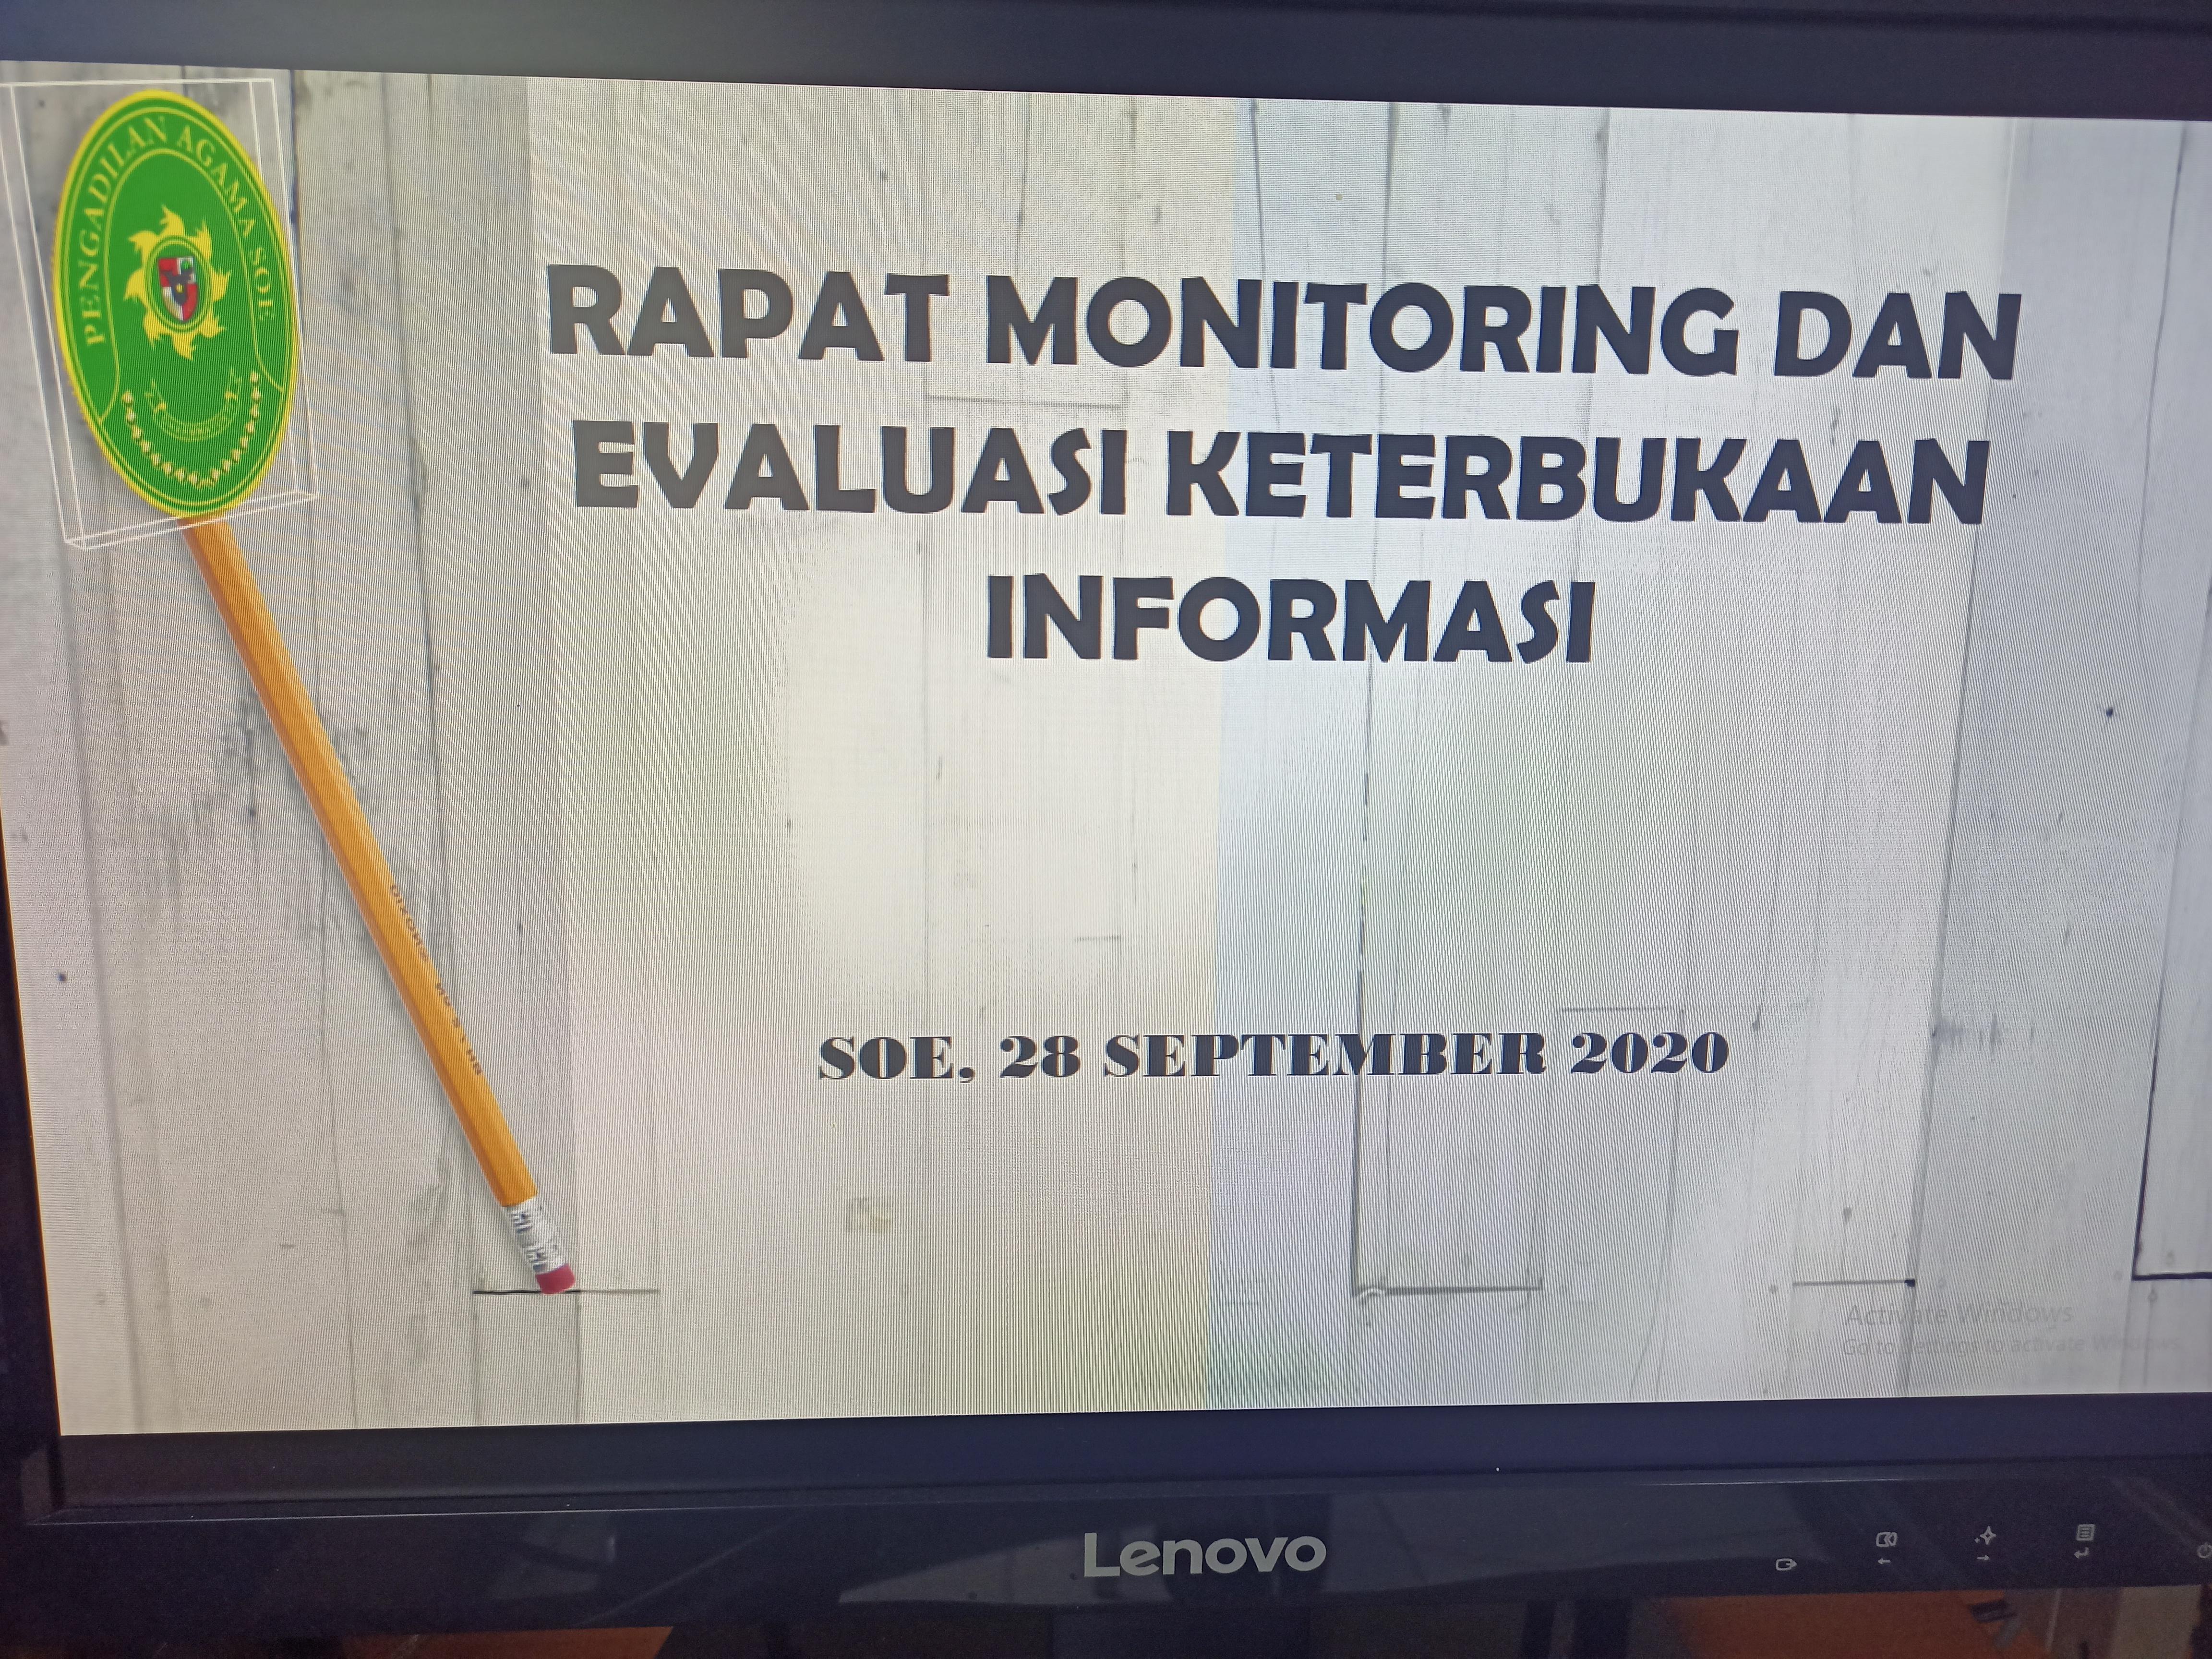 Rapat Monitoring dan Evaluasi Marathon di Akhir Bulan September 2020